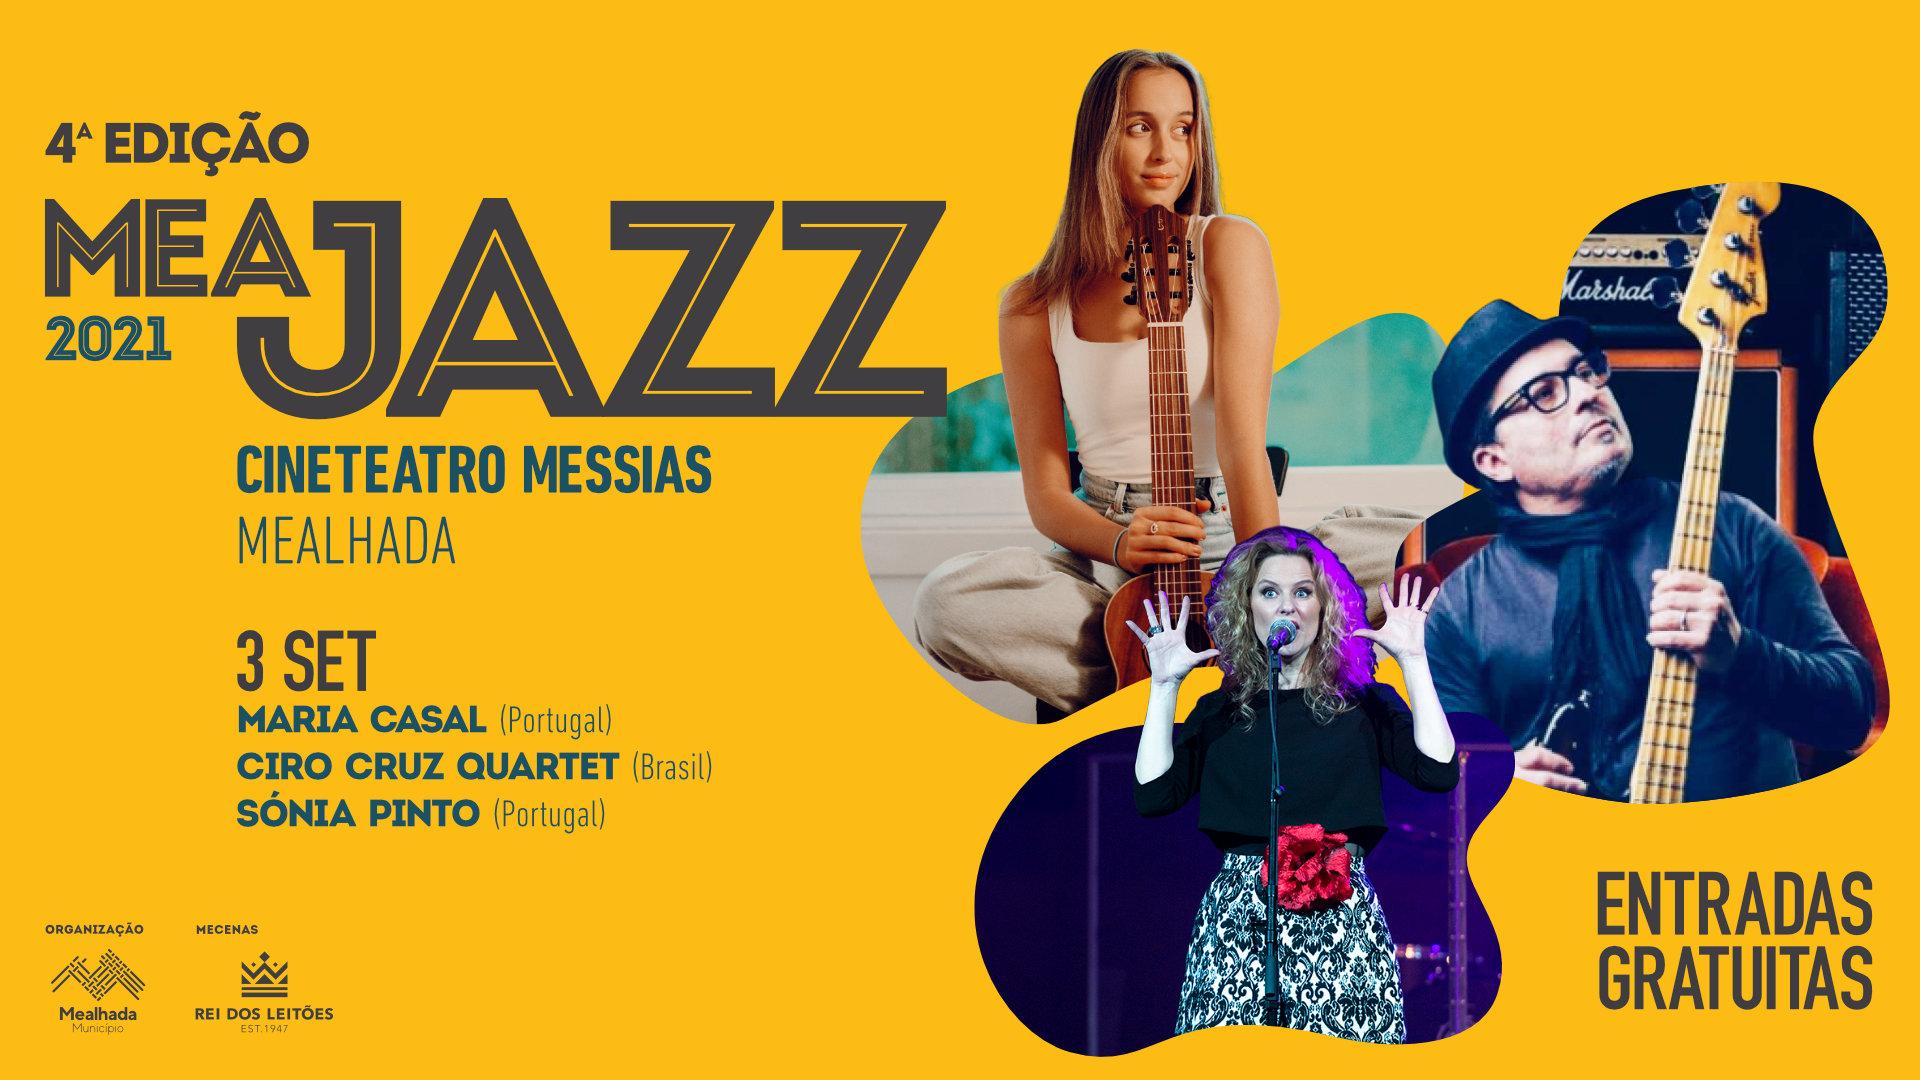 Meajazz - 4.ª edição: Sónia Pinto (Portugal)